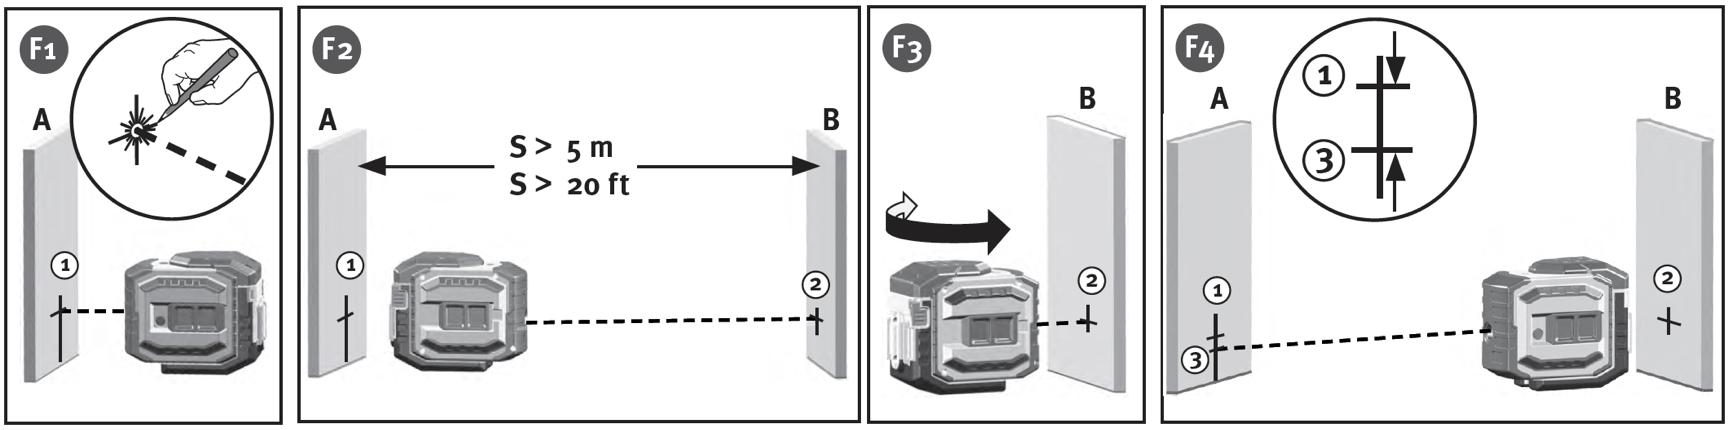 Hiệu chỉnh phương ngang cho máy bắn cốt laser LA-5P